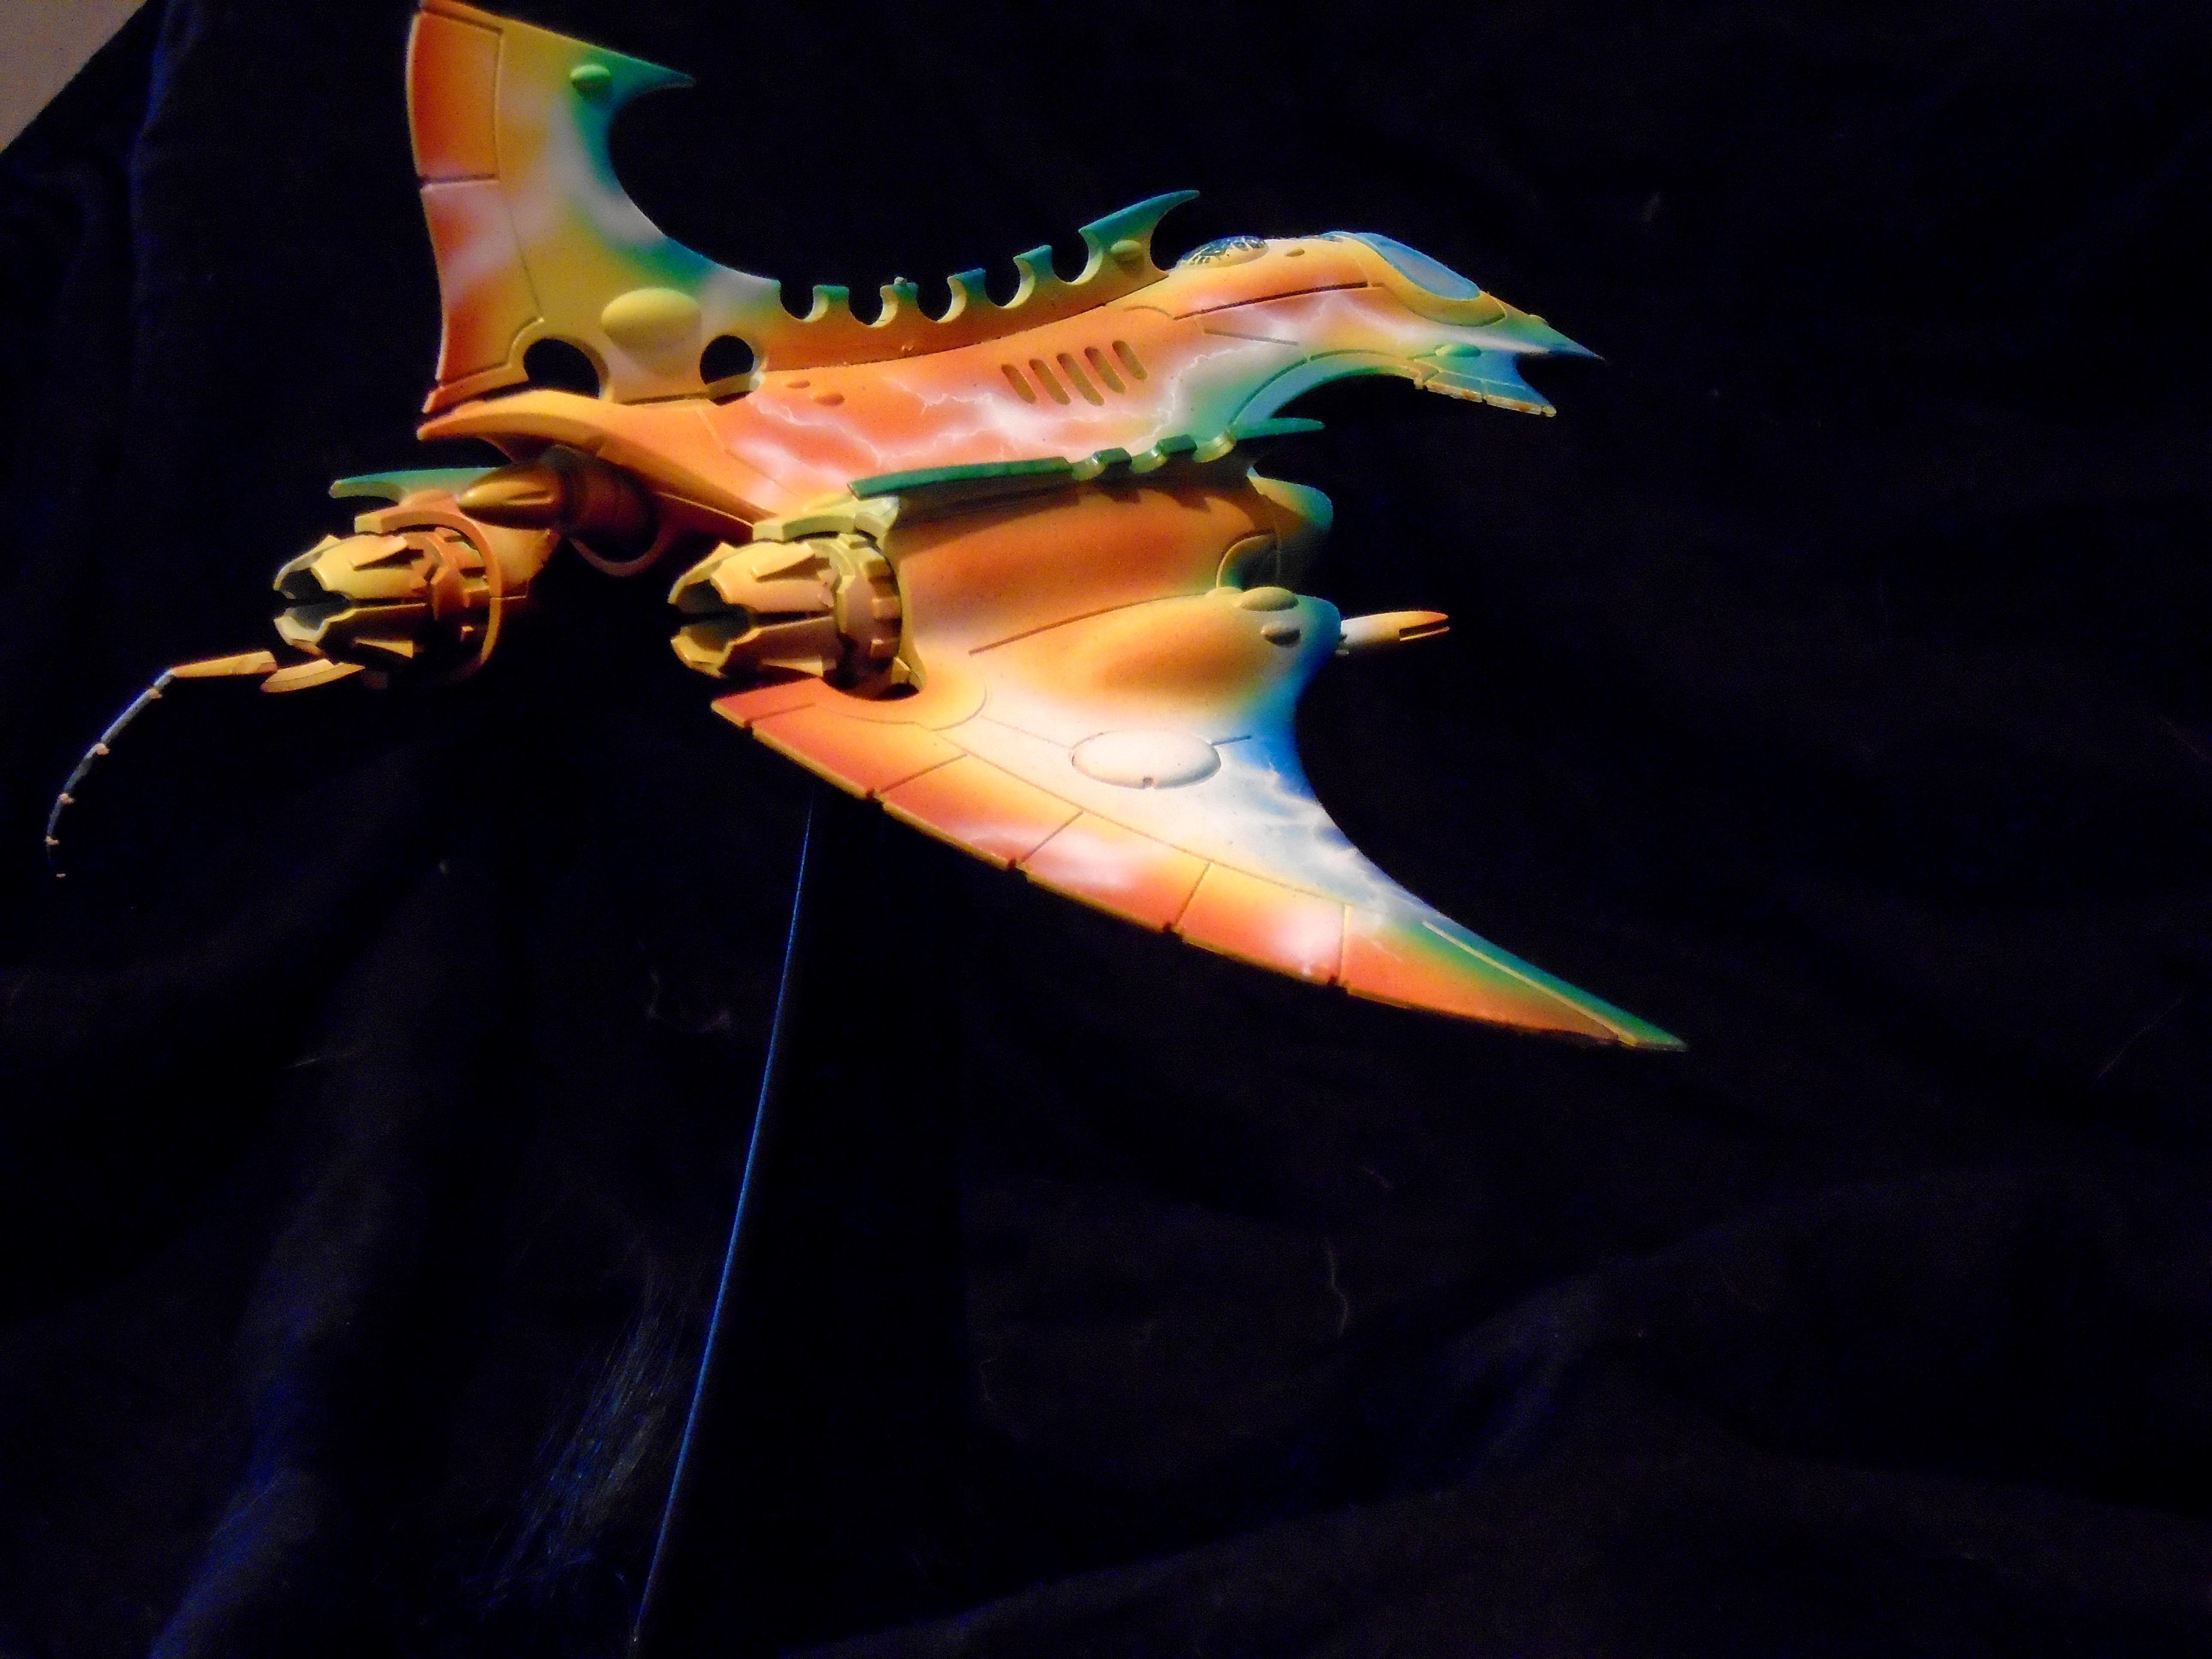 Eldar, Hemlock, Iyanden, Lightning, Wraith, Wraith Fighter, Wraithfighter